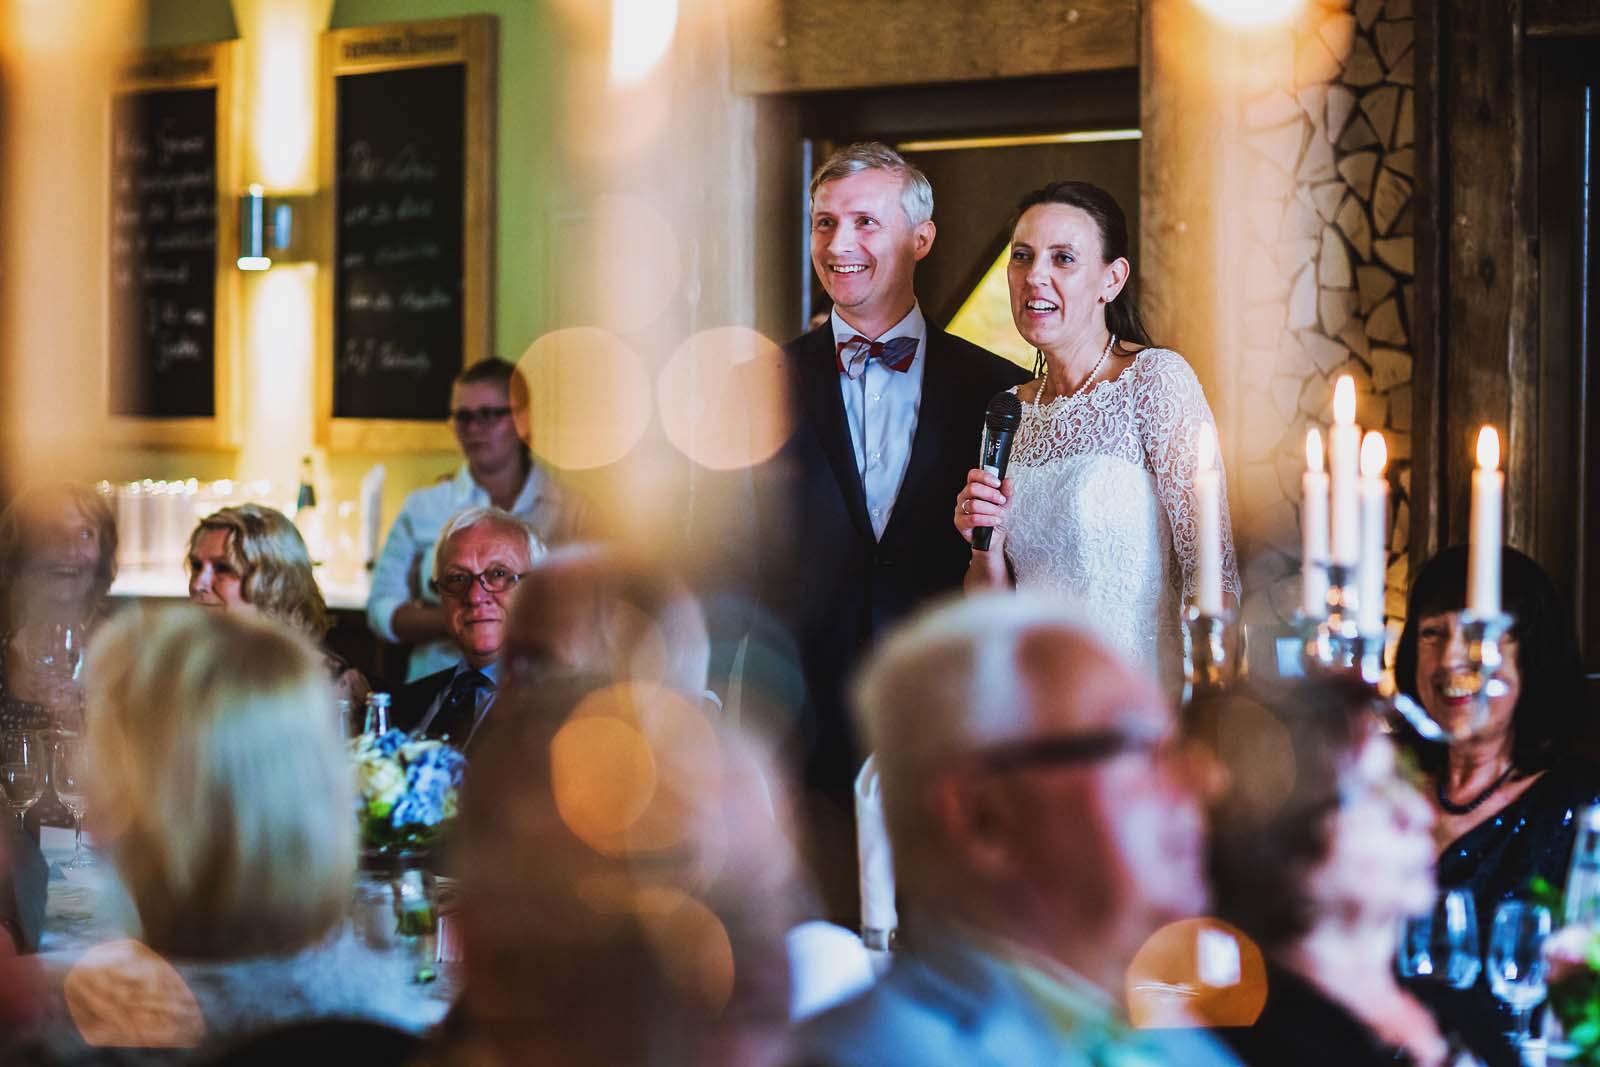 Foto der Braut bei einer Rede zur Hochzeitsfeier Copyright by Hochzeitsfotograf www.berliner-hochzeitsfotografie.de